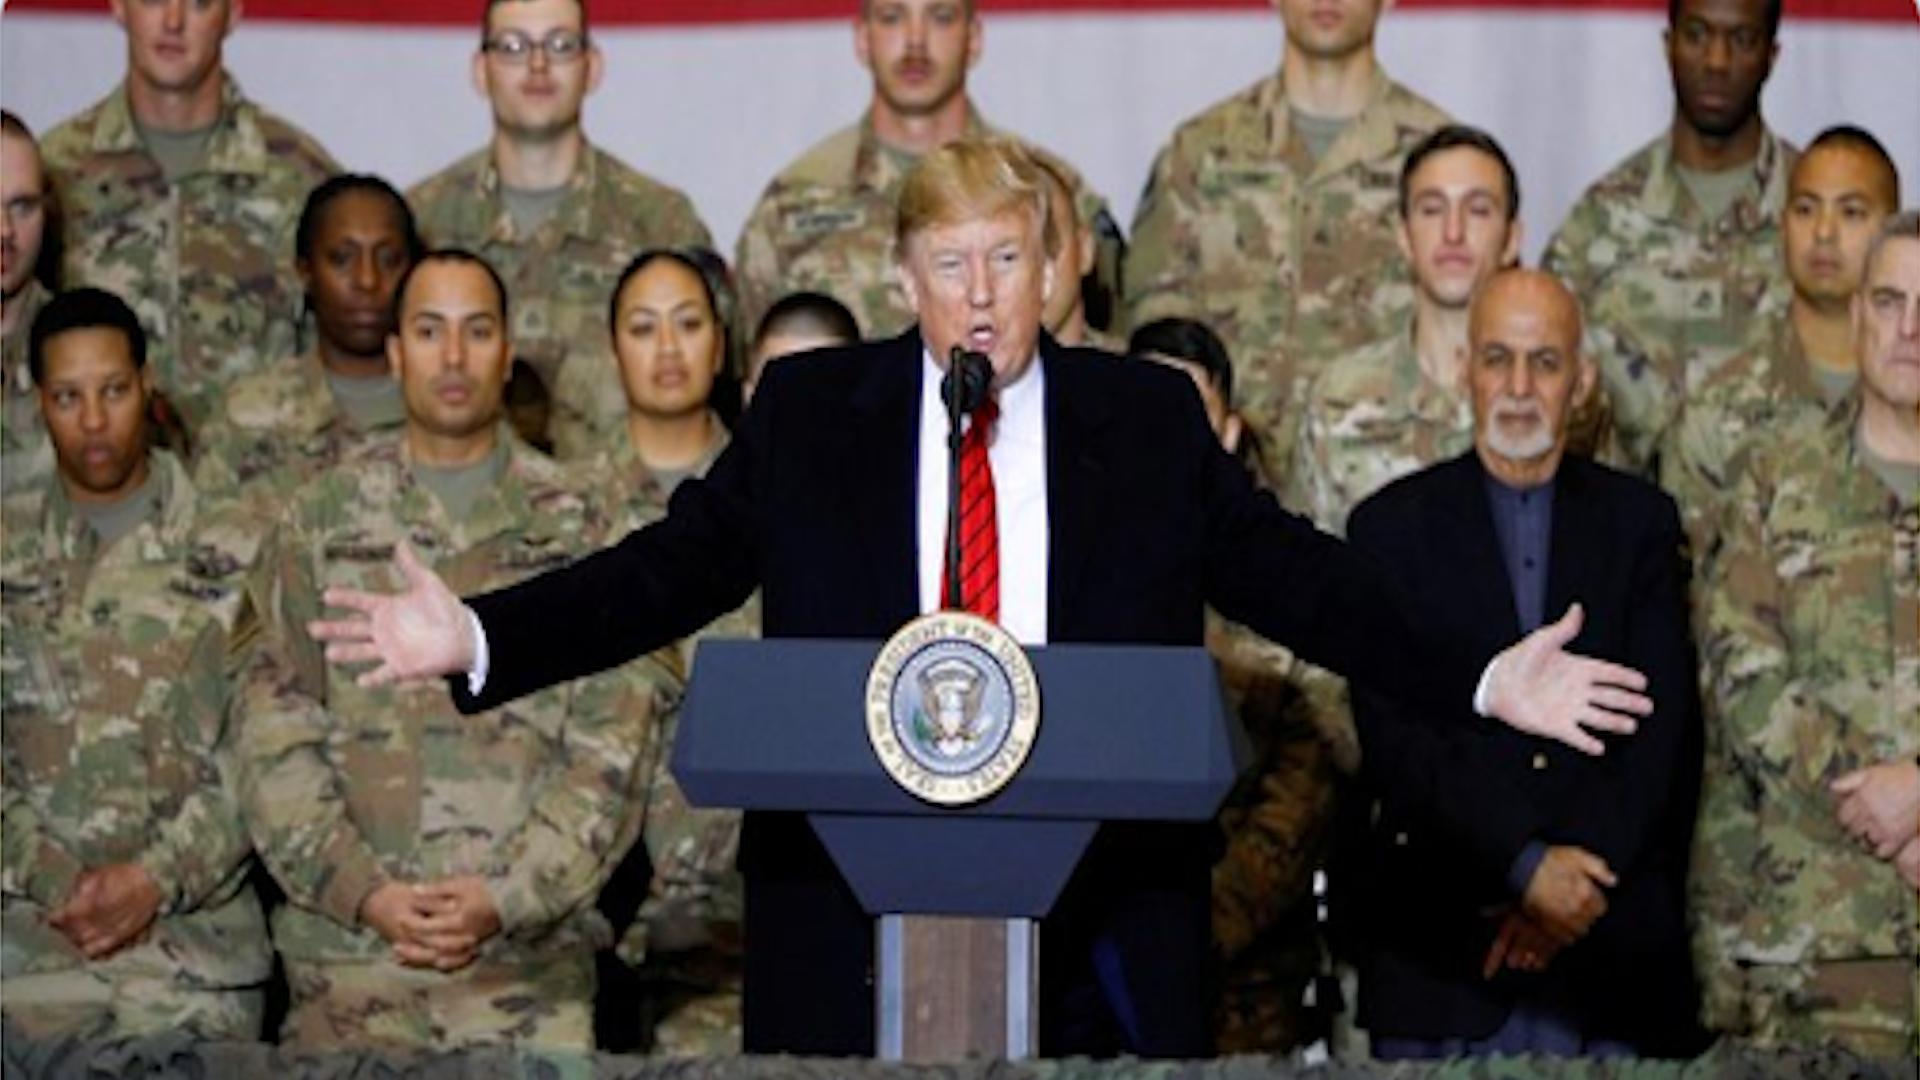 """Photo of Pentagon: Îdîaya """"Wall Street Journal"""" a ku dibêjê wê Emerîka 14 hezar leşkeran bişîne Rojhilata Navîn ne rast e"""